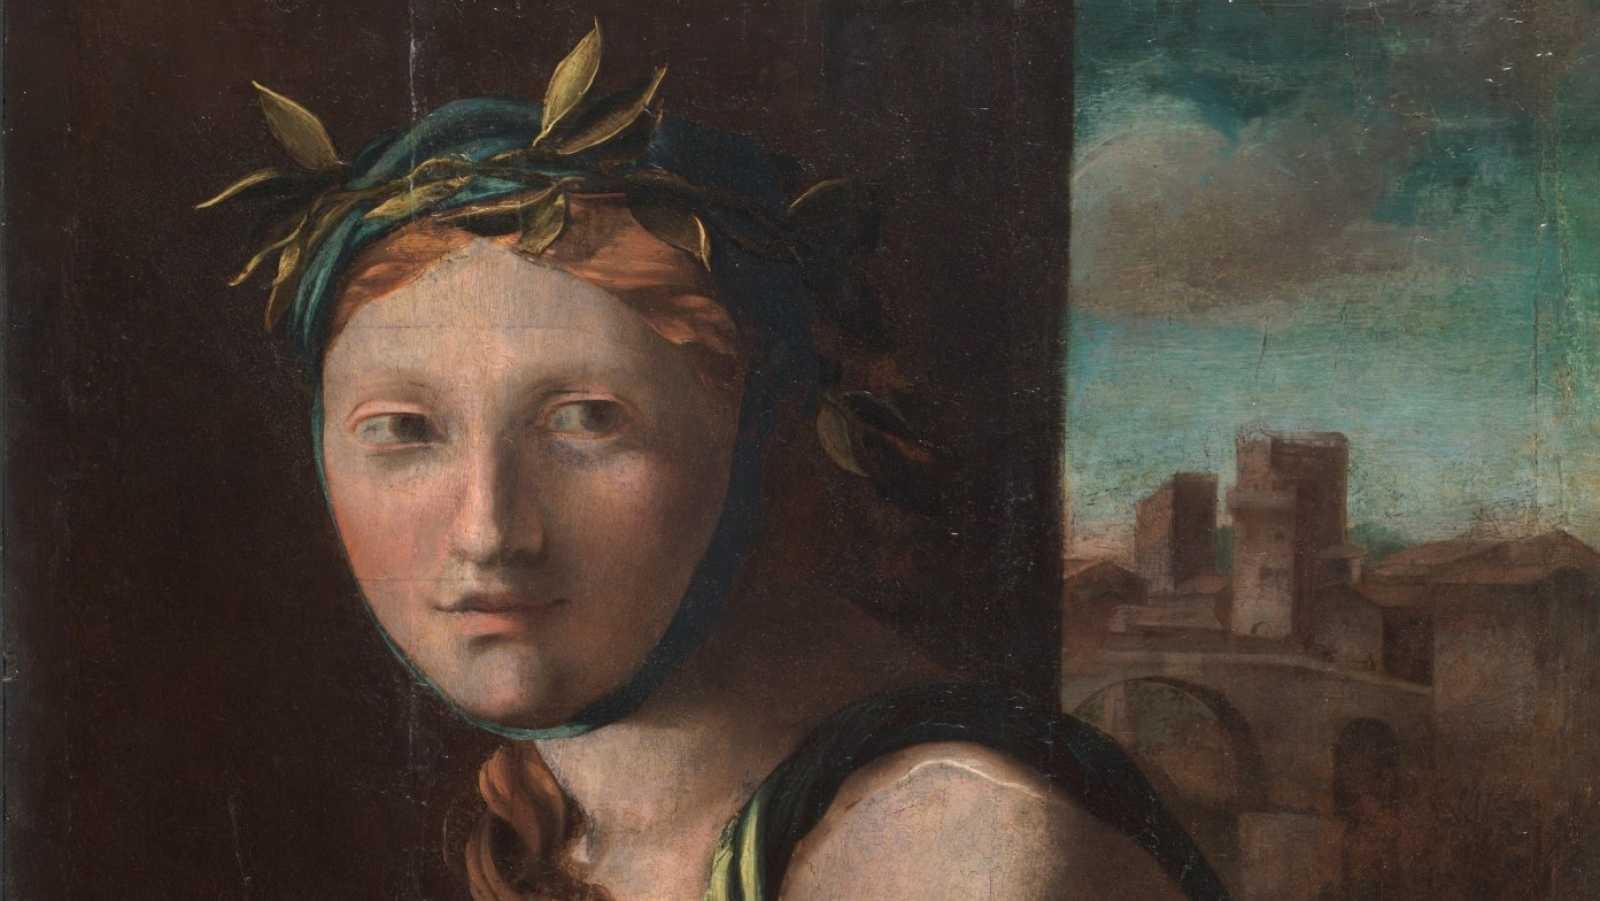 Detalle de 'Alegoría de la Templanza' de Alonso Berruguete. Óleo sobre tabla. 1513-16. Madrid, Museo Nacional del Prado. Adquirido en 2017.